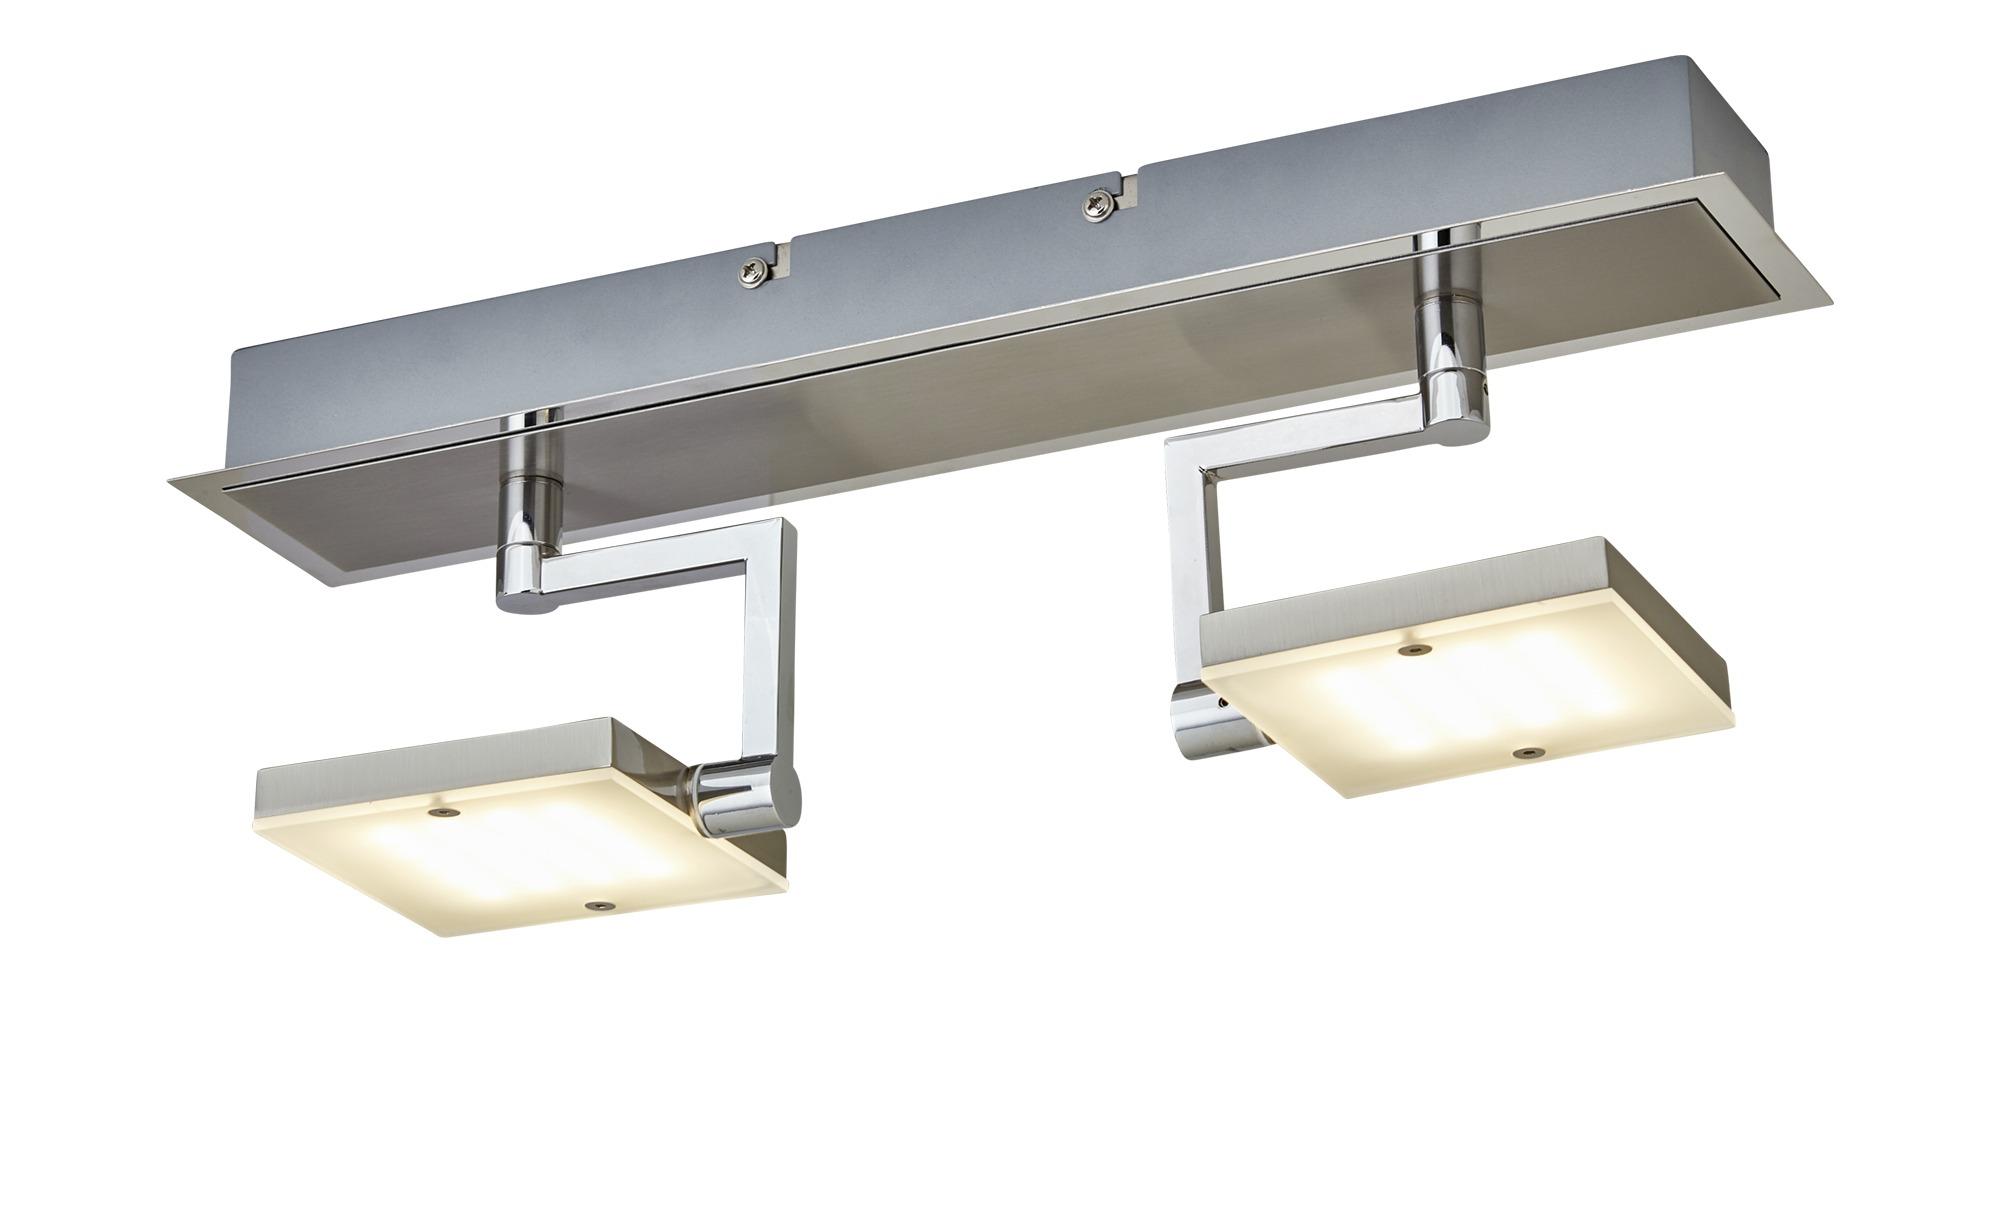 Fischer-Honsel LED- Deckenstrahler, 2-flammig, nickel matt, Köpfe eckig ¦ silber ¦ Maße (cm): B: 9,5 H: 17,5 Lampen & Leuchten > LED-Leuchten > LED-Strahler & Spots - Höffner